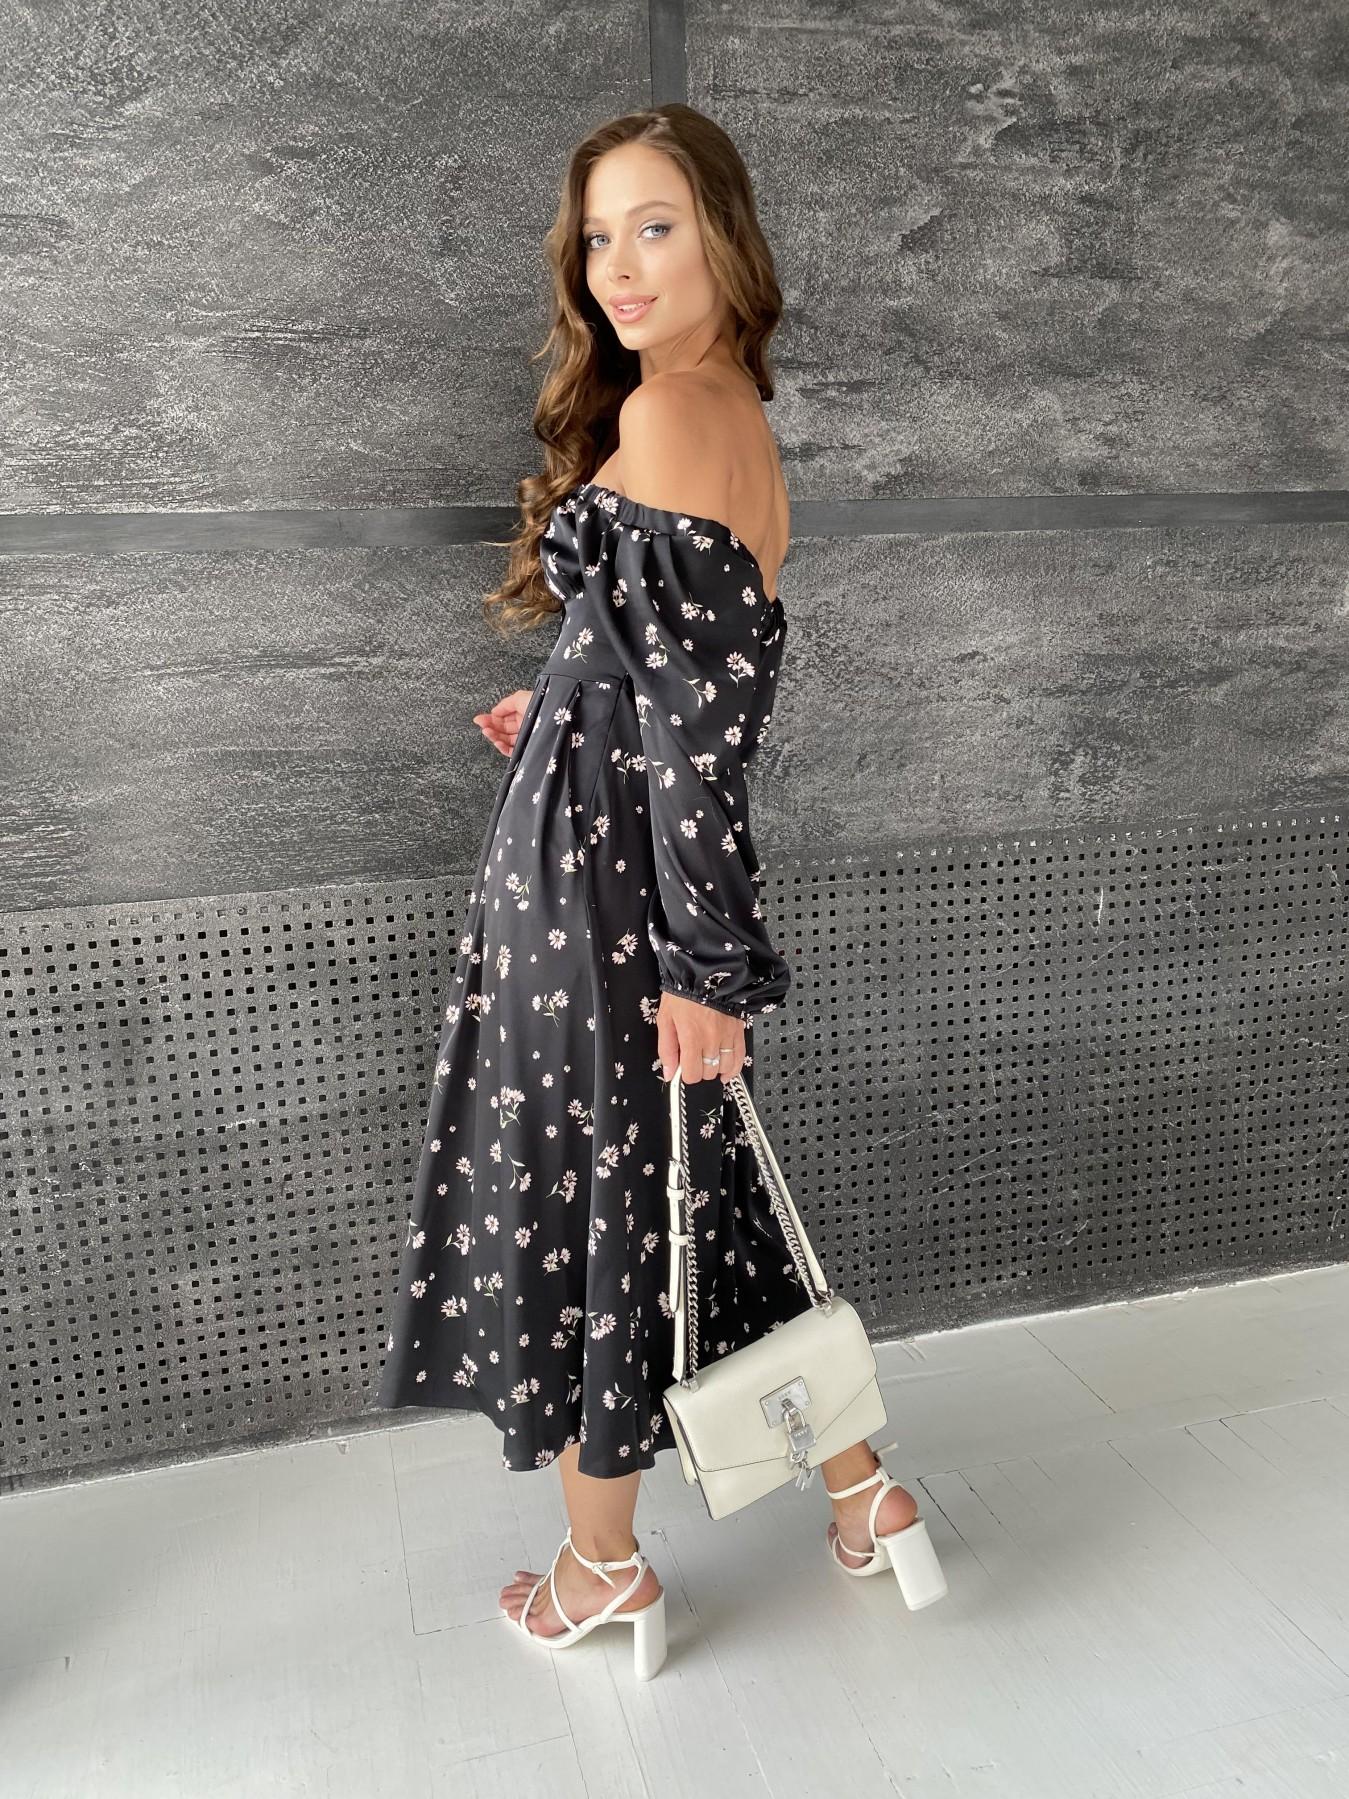 Кисес платье миди д/р шелк принт 11722 АРТ. 48418 Цвет: Черный/пудра/хризантема - фото 9, интернет магазин tm-modus.ru